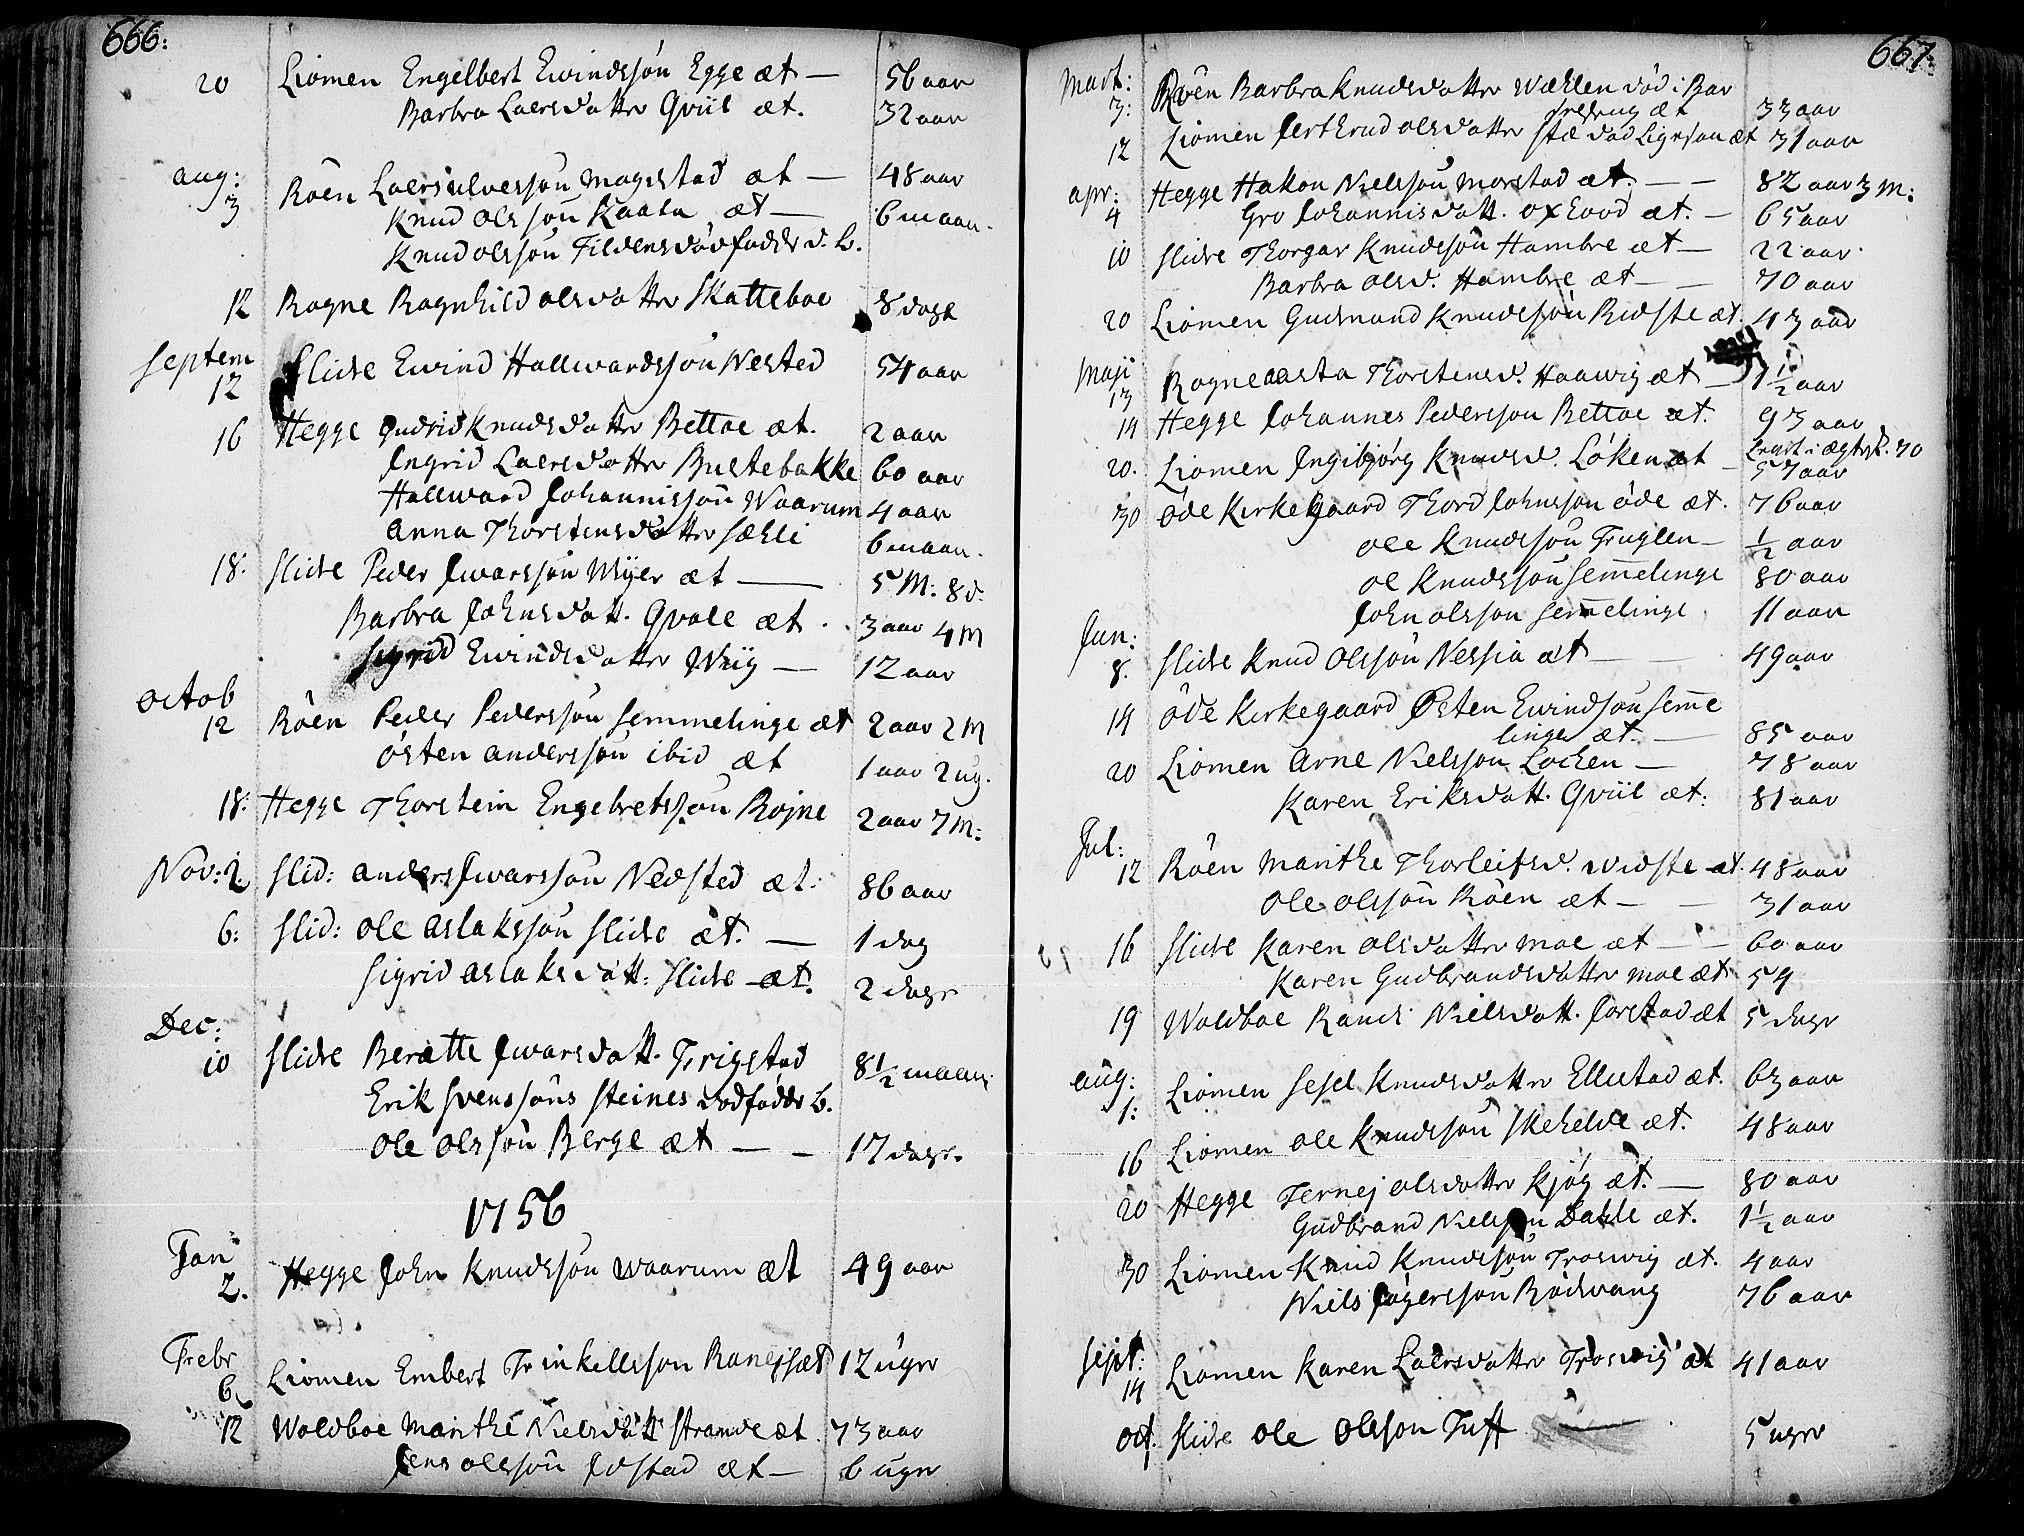 SAH, Slidre prestekontor, Ministerialbok nr. 1, 1724-1814, s. 666-667